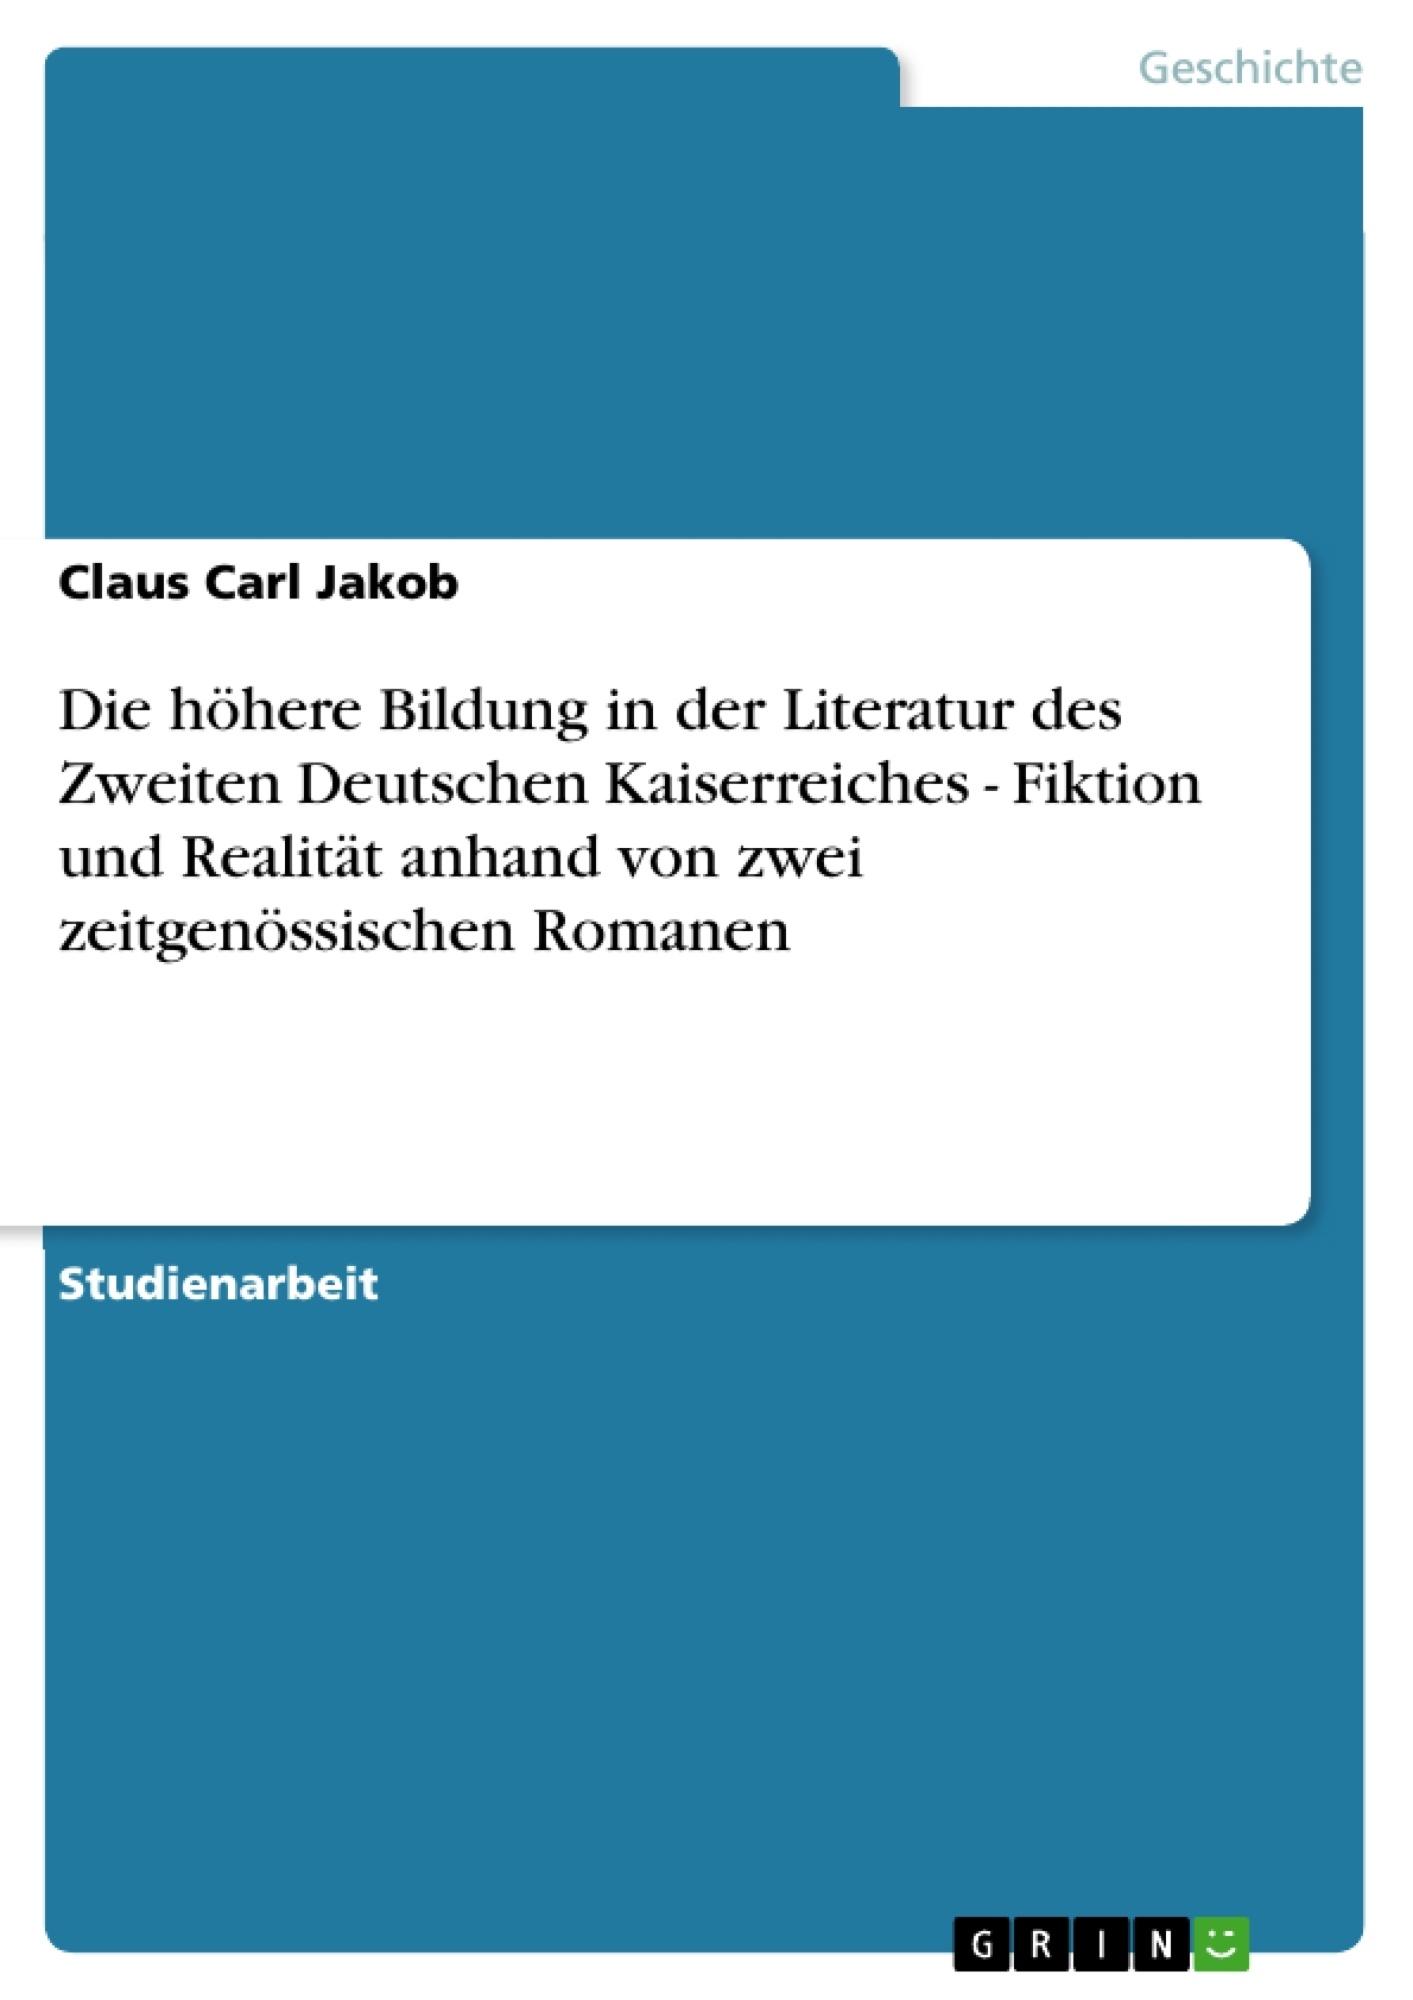 Titel: Die höhere Bildung in der Literatur des Zweiten Deutschen Kaiserreiches - Fiktion und Realität anhand von zwei zeitgenössischen Romanen